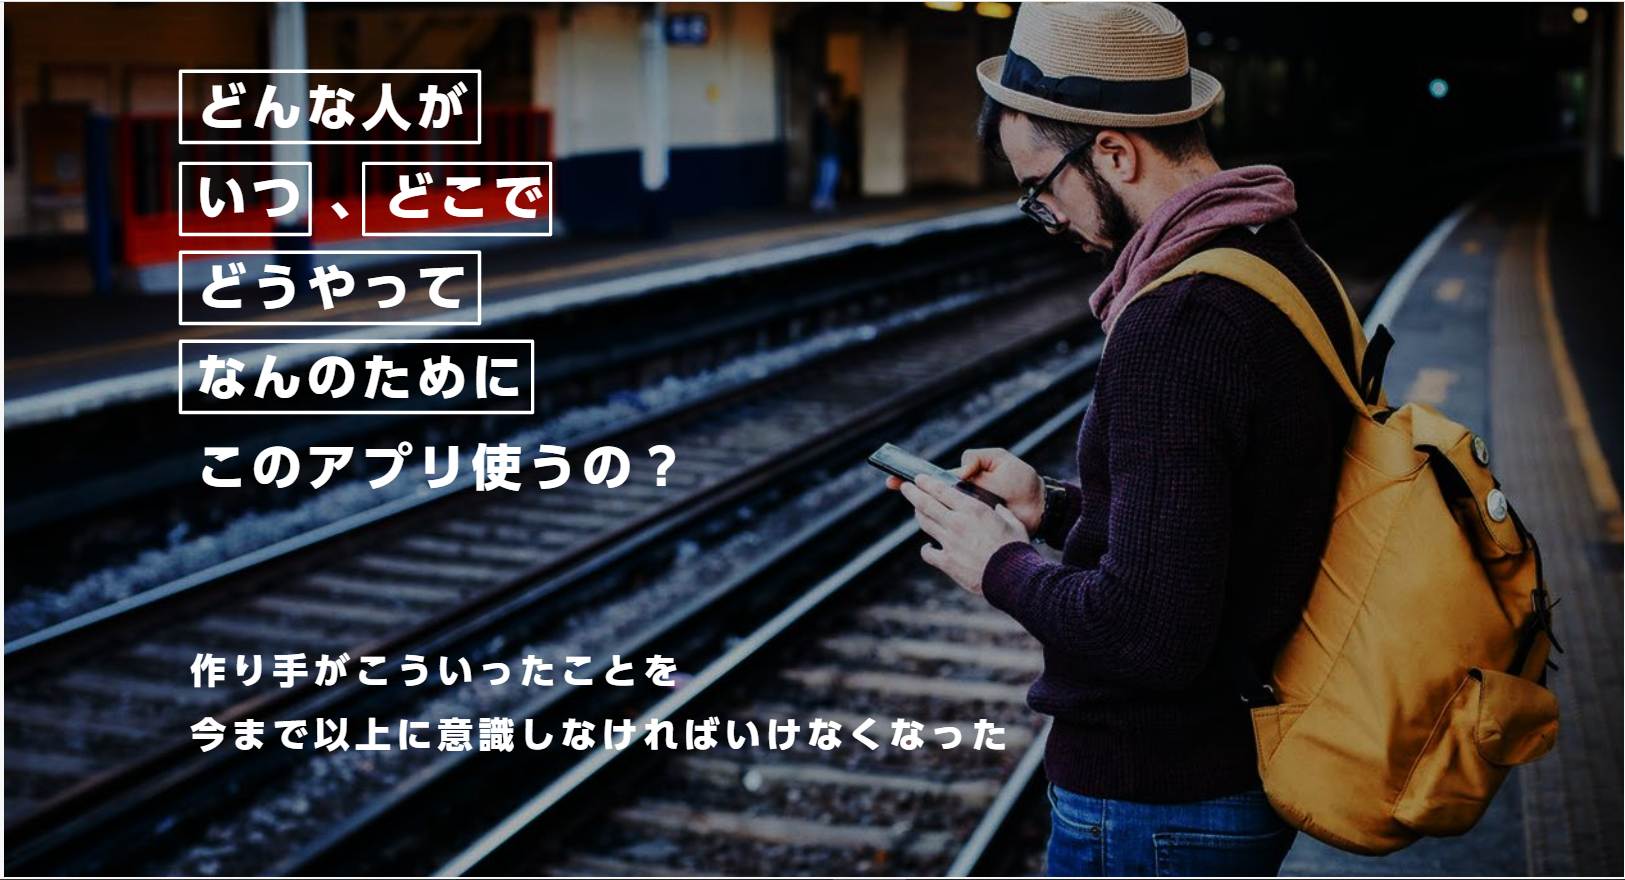 どんな人が、いつ、どうやって、なんのためにこのアプリを使うの?